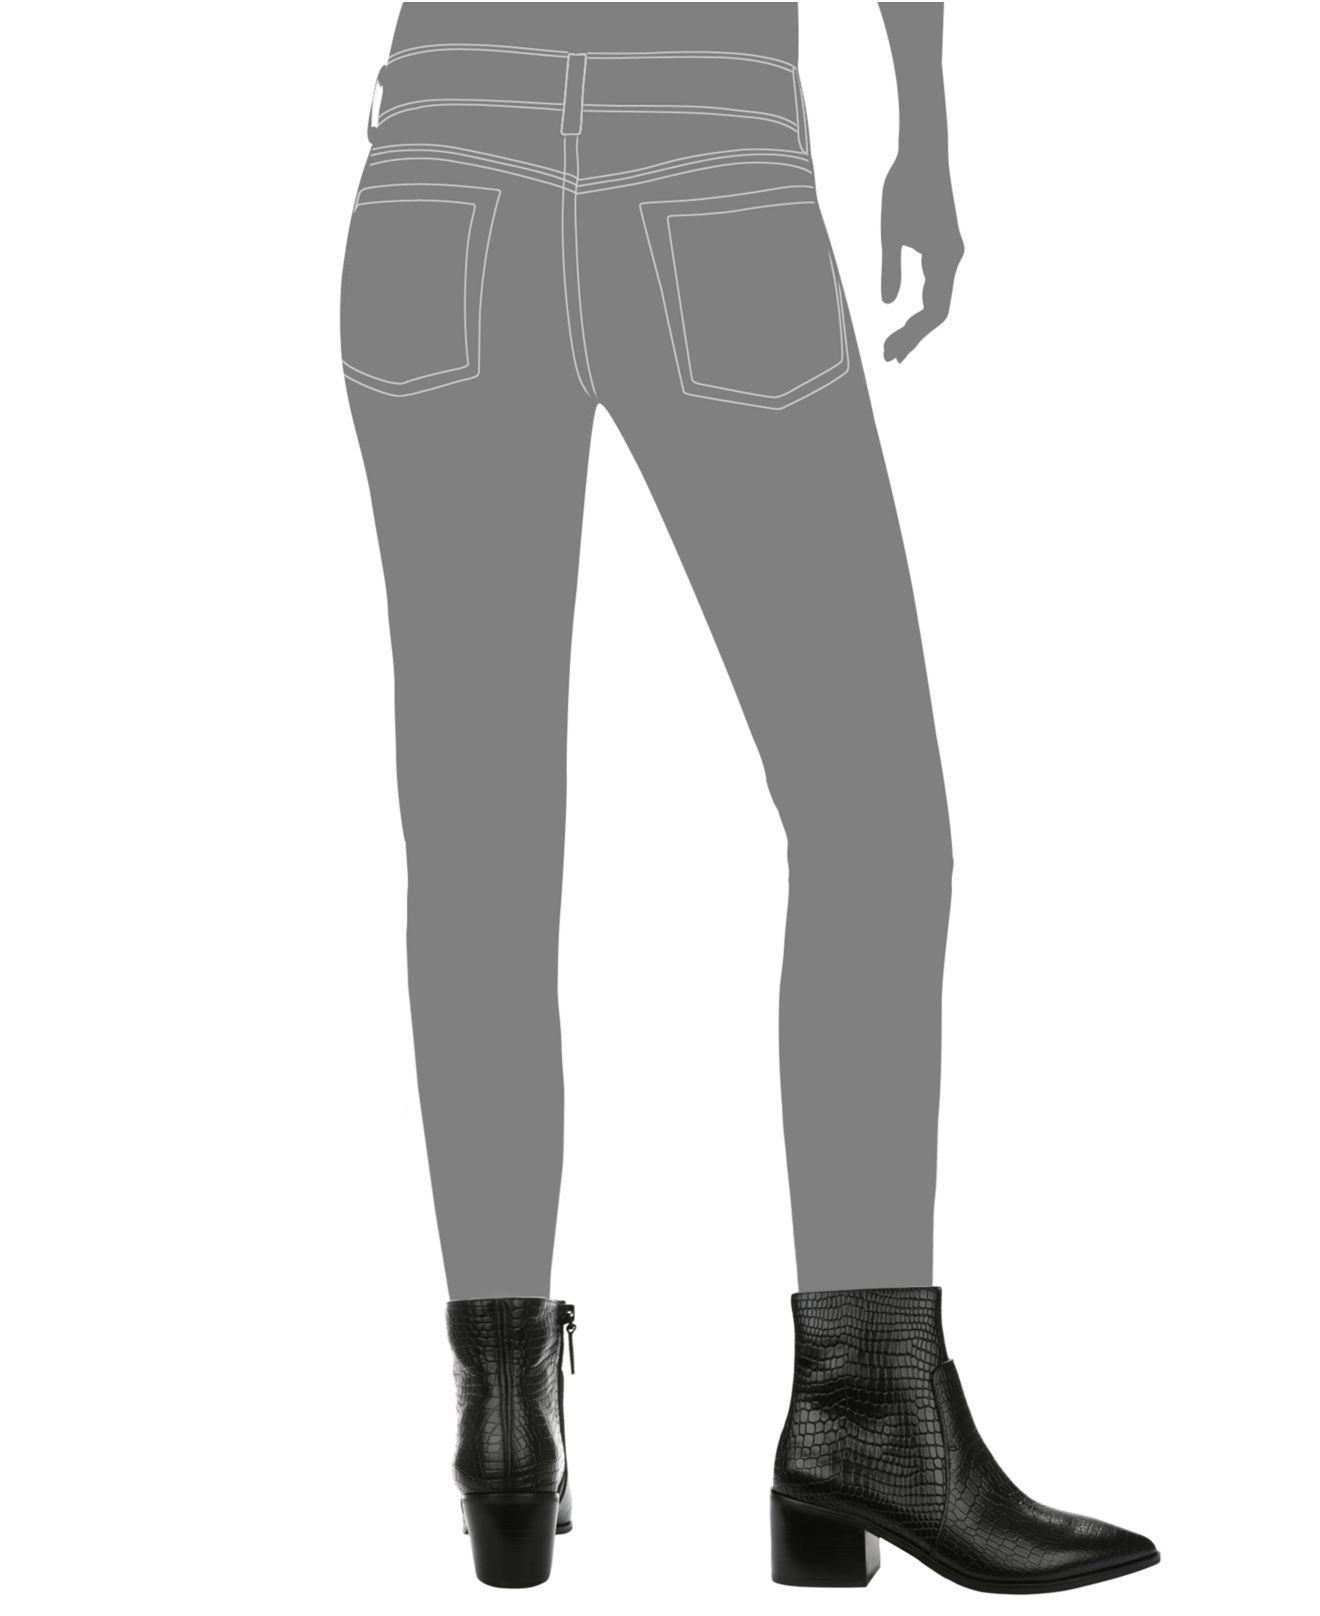 Tahari Leather Raffi Boots in Black - Lyst